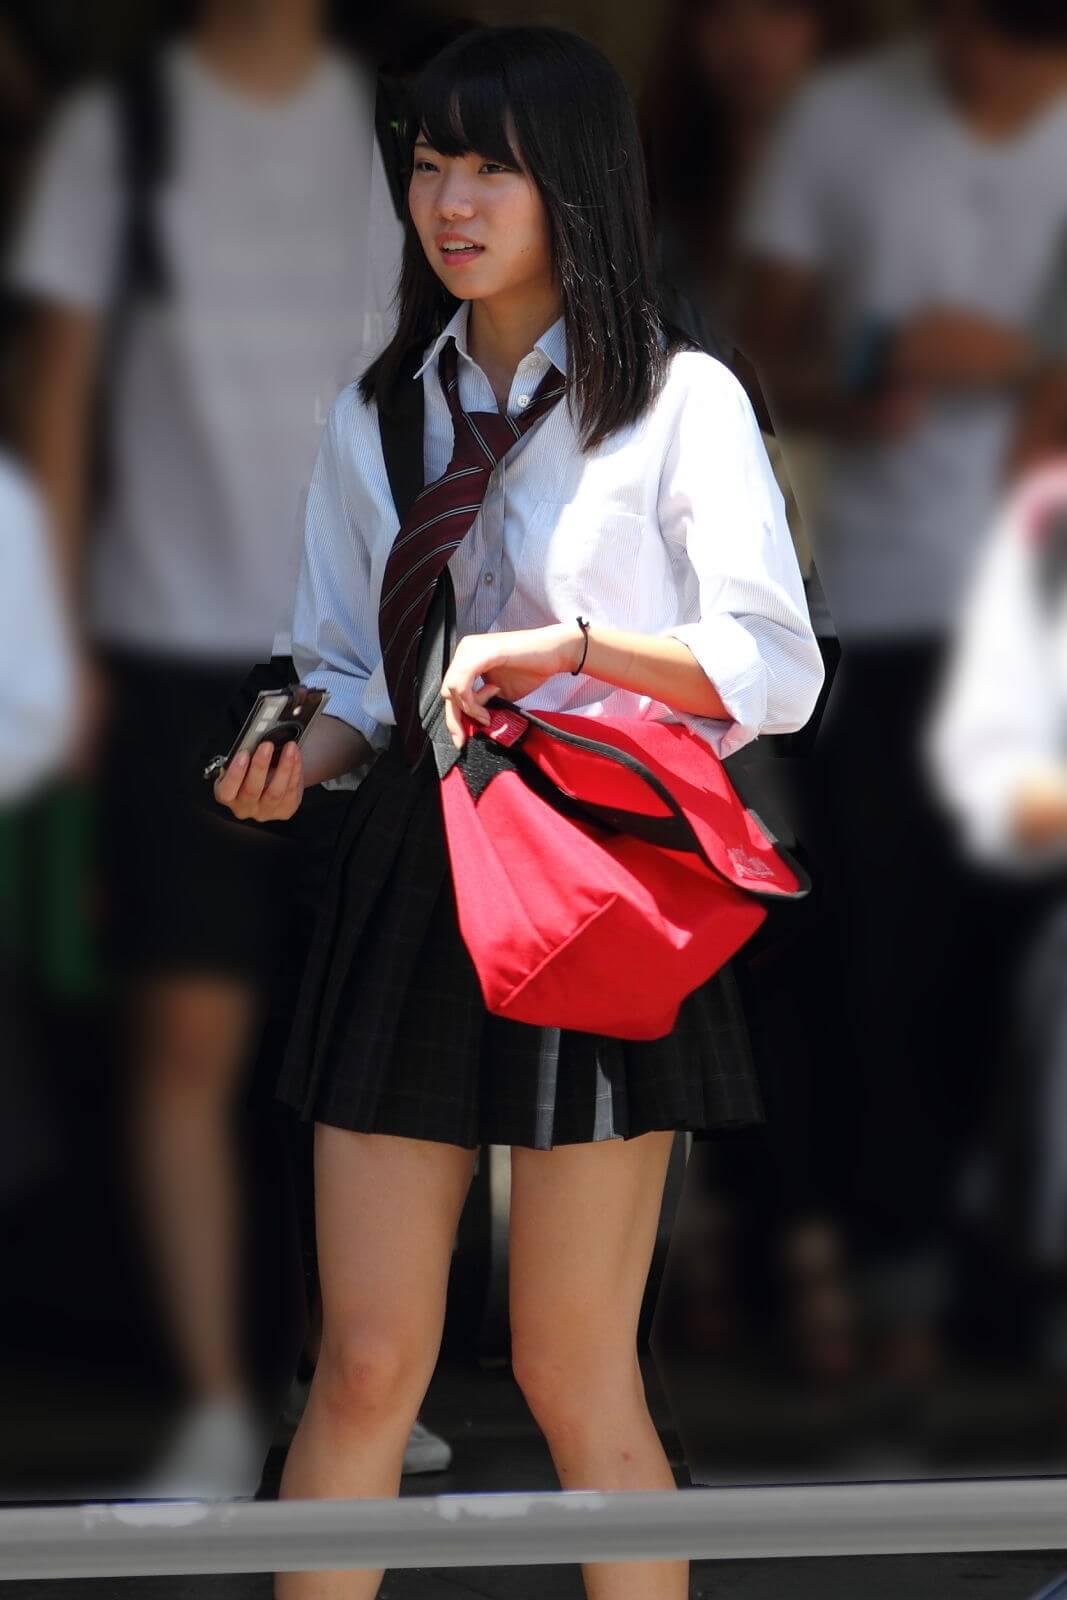 通学中の女子高生が偶然写ってしまった風景写真